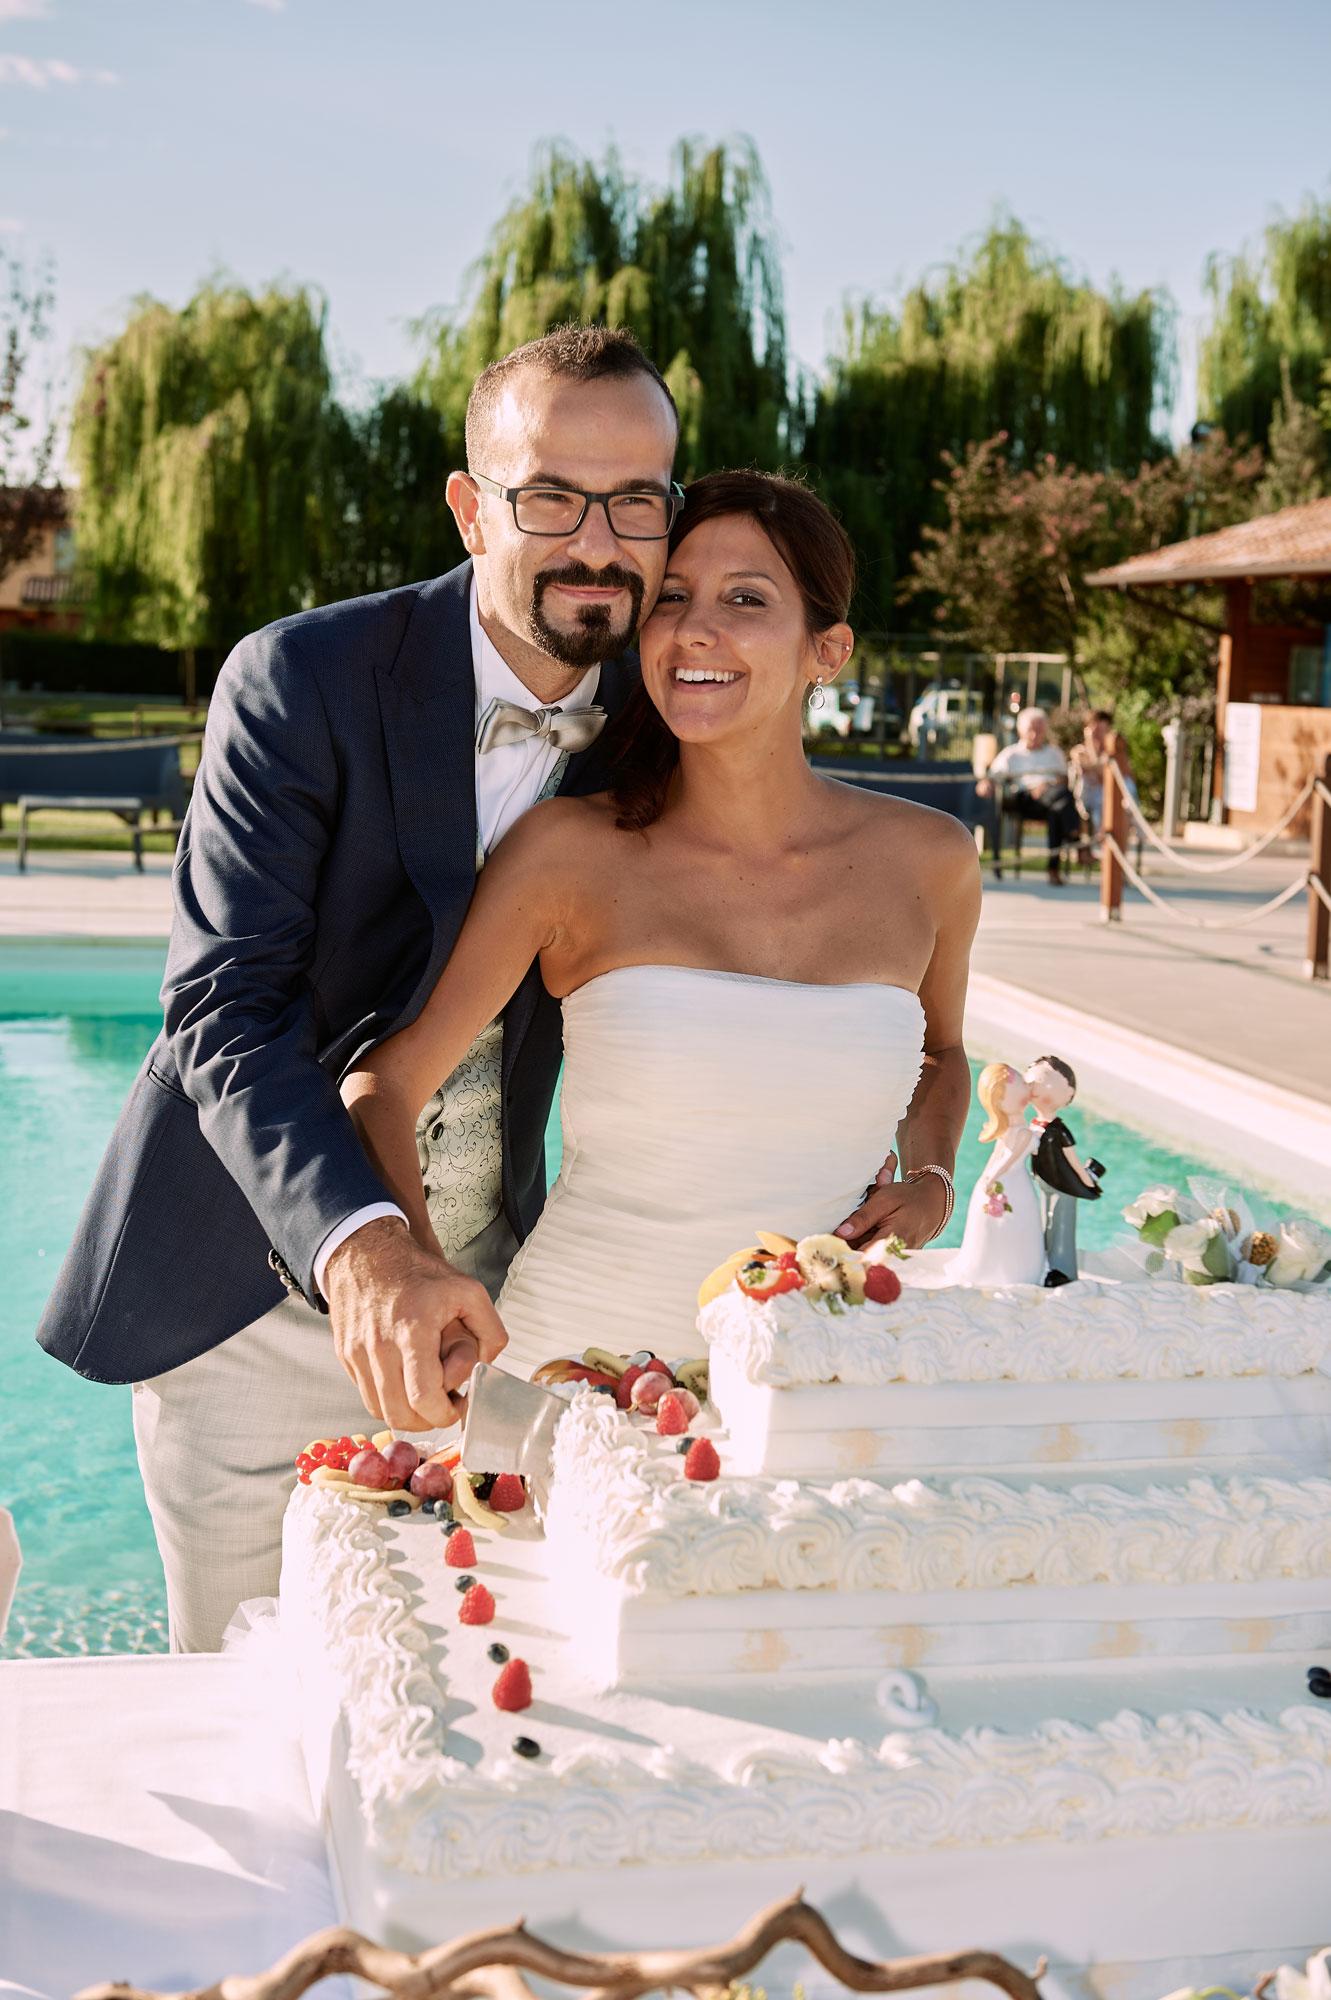 26-ivano_di_maria_fotografo_matrimonio_ erica_vito